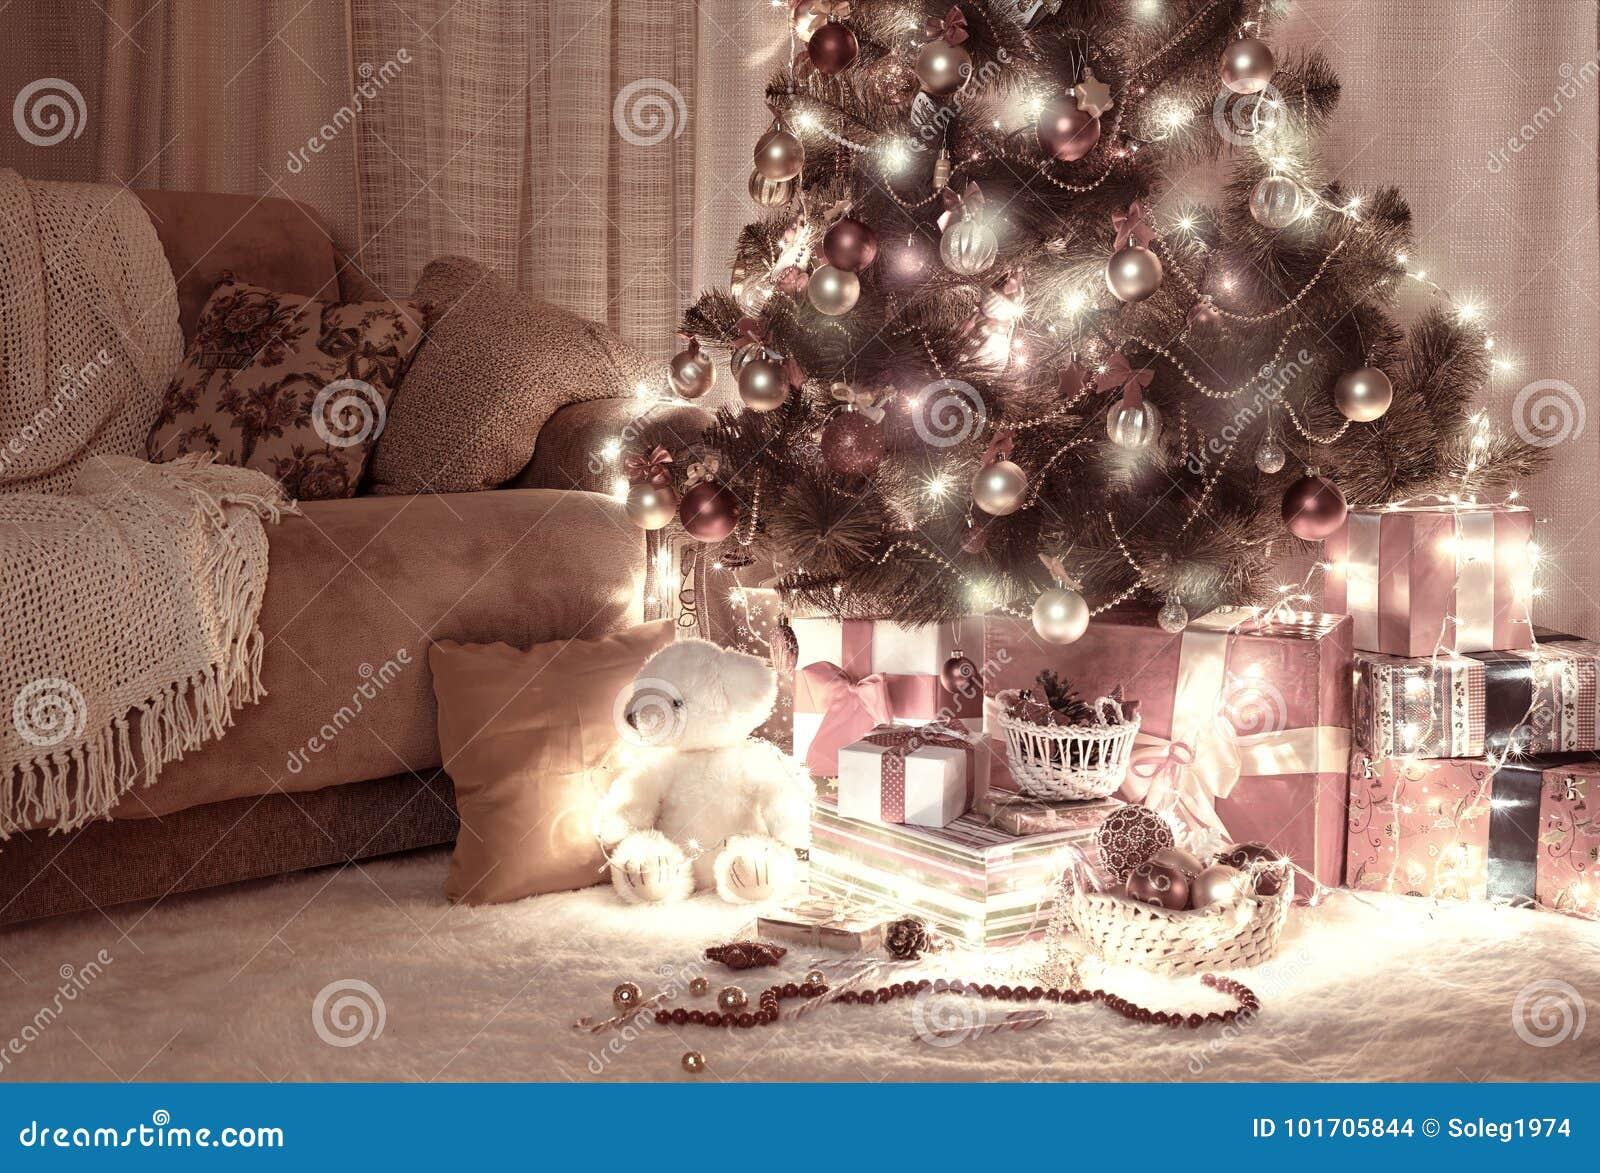 Hyra rum i mörker med det upplysta julträdet, garnering och gåvor, hemmiljö på natten, tonad röd brunt